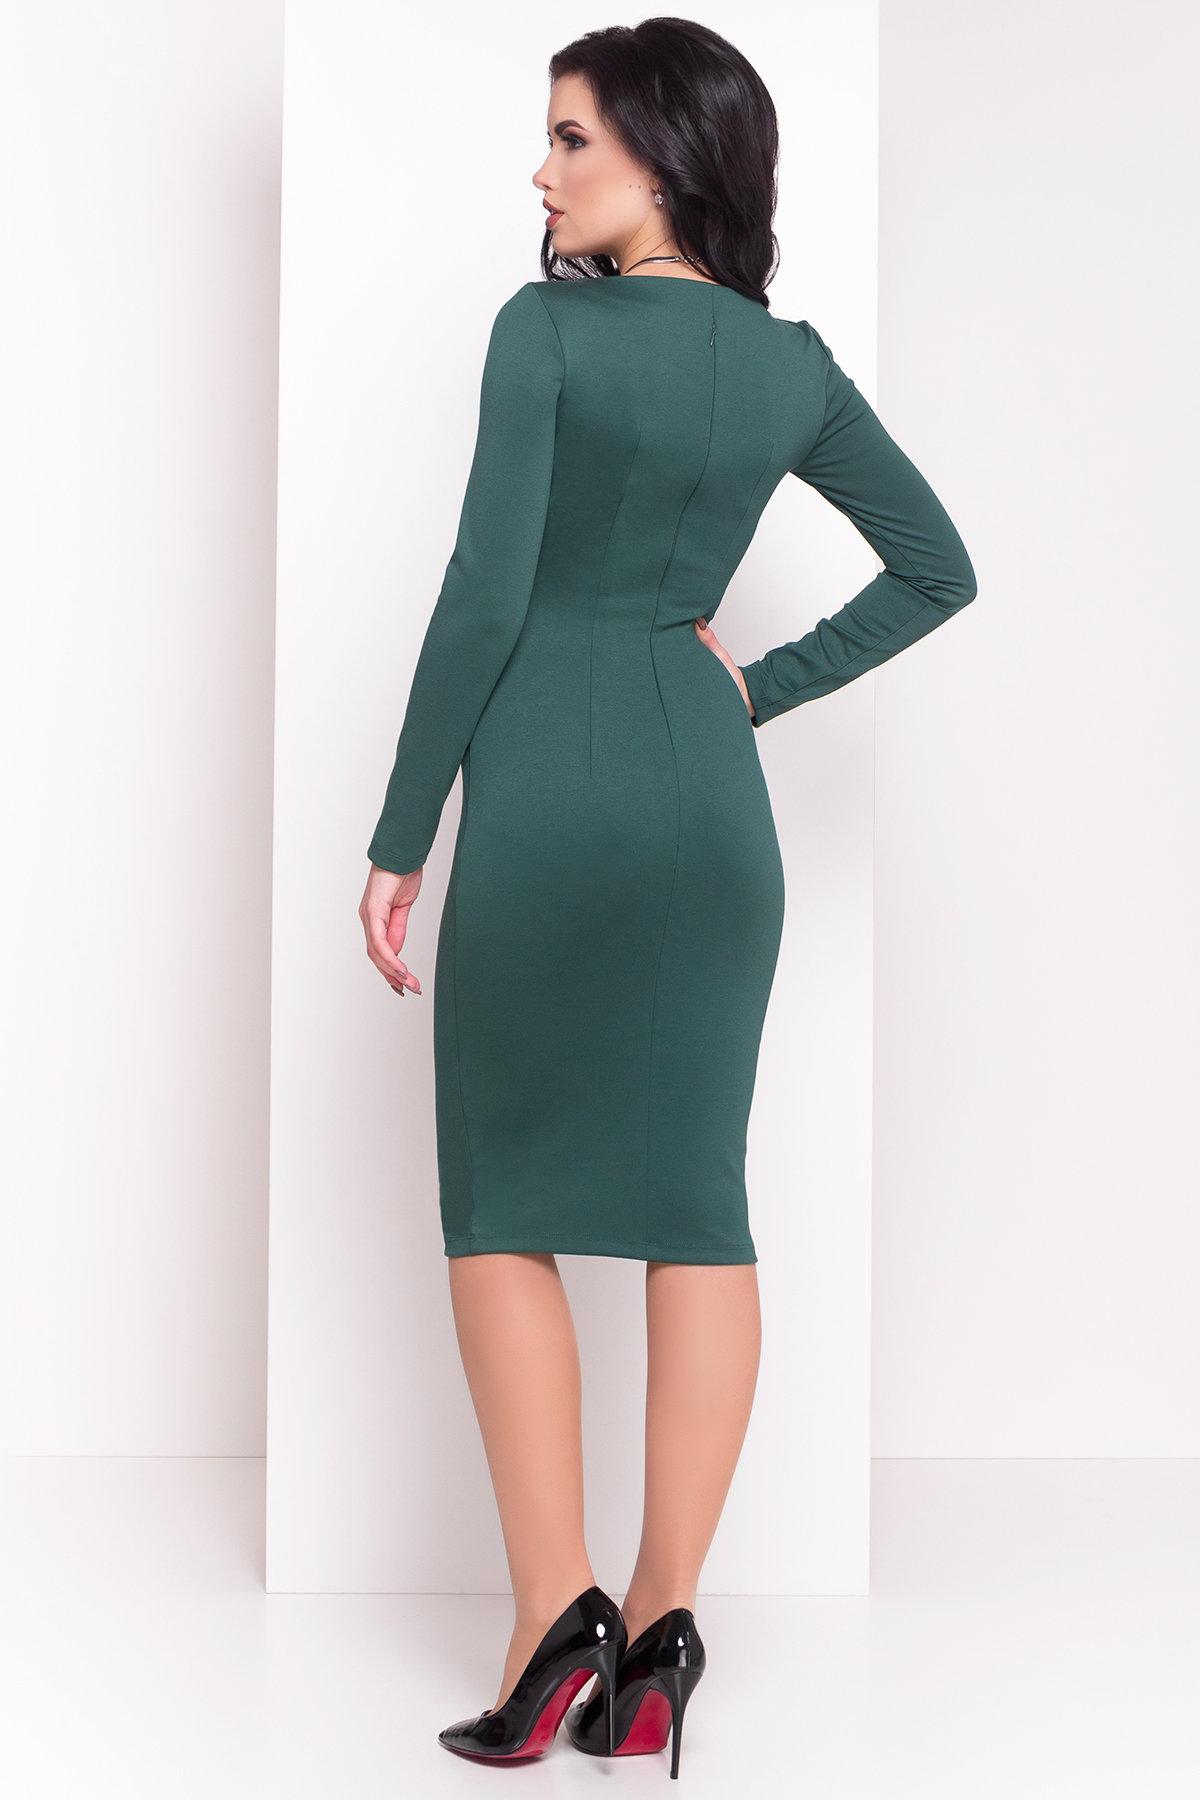 Платье с круглым вырезом Альтера 510 АРТ. 7045 Цвет: Зеленый - фото 2, интернет магазин tm-modus.ru